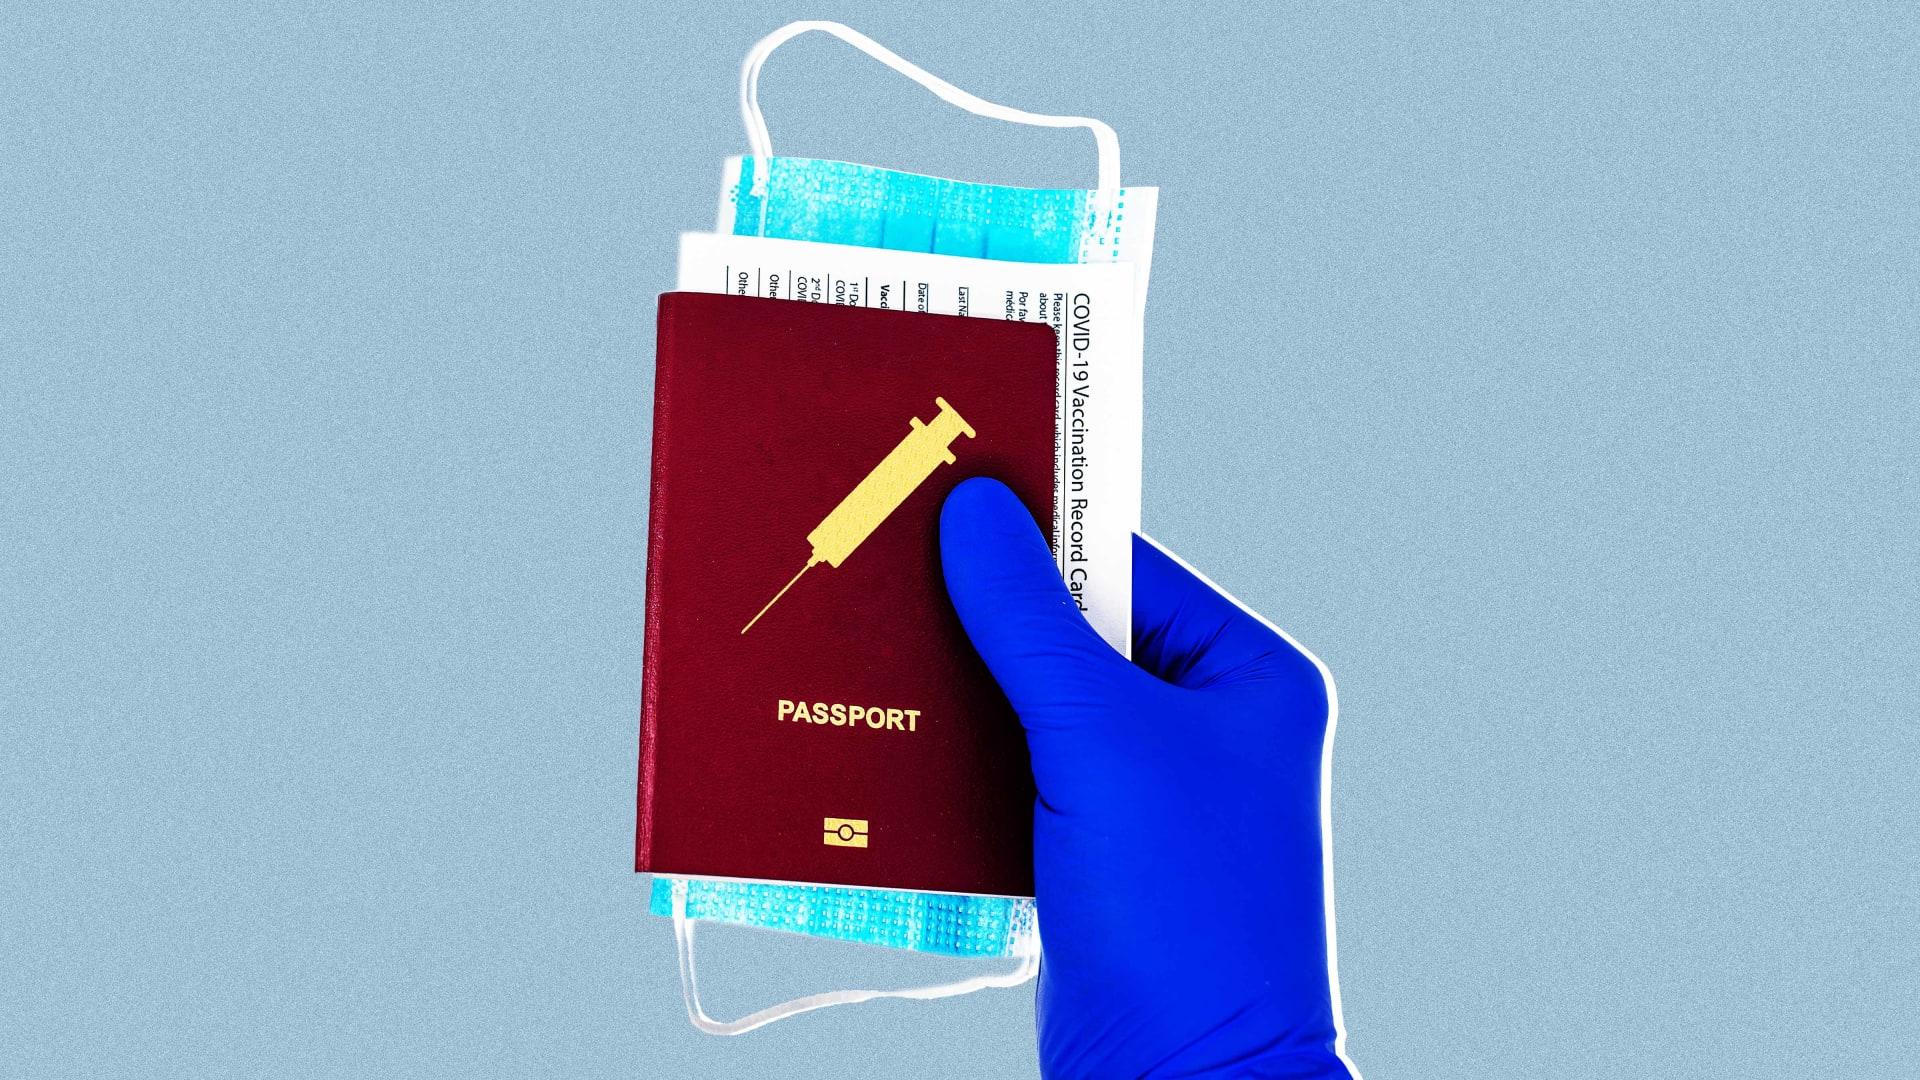 No Vaccine, No Entry? Understanding the Vaccine Passport Debate